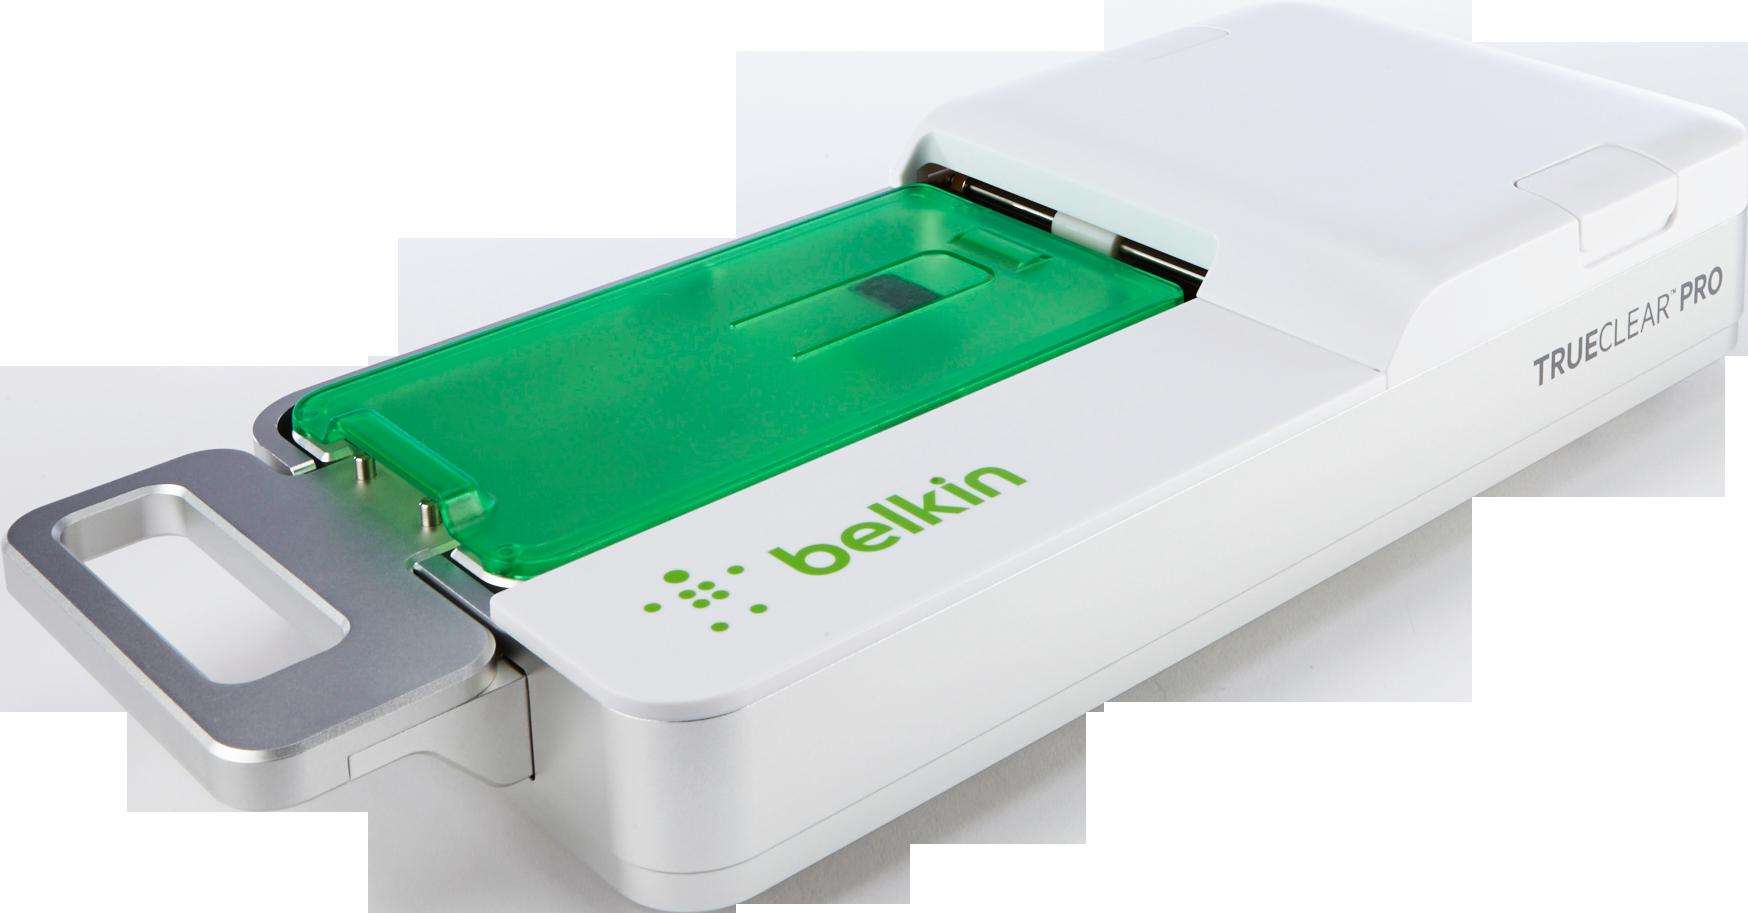 Belkin TrueClear Pro